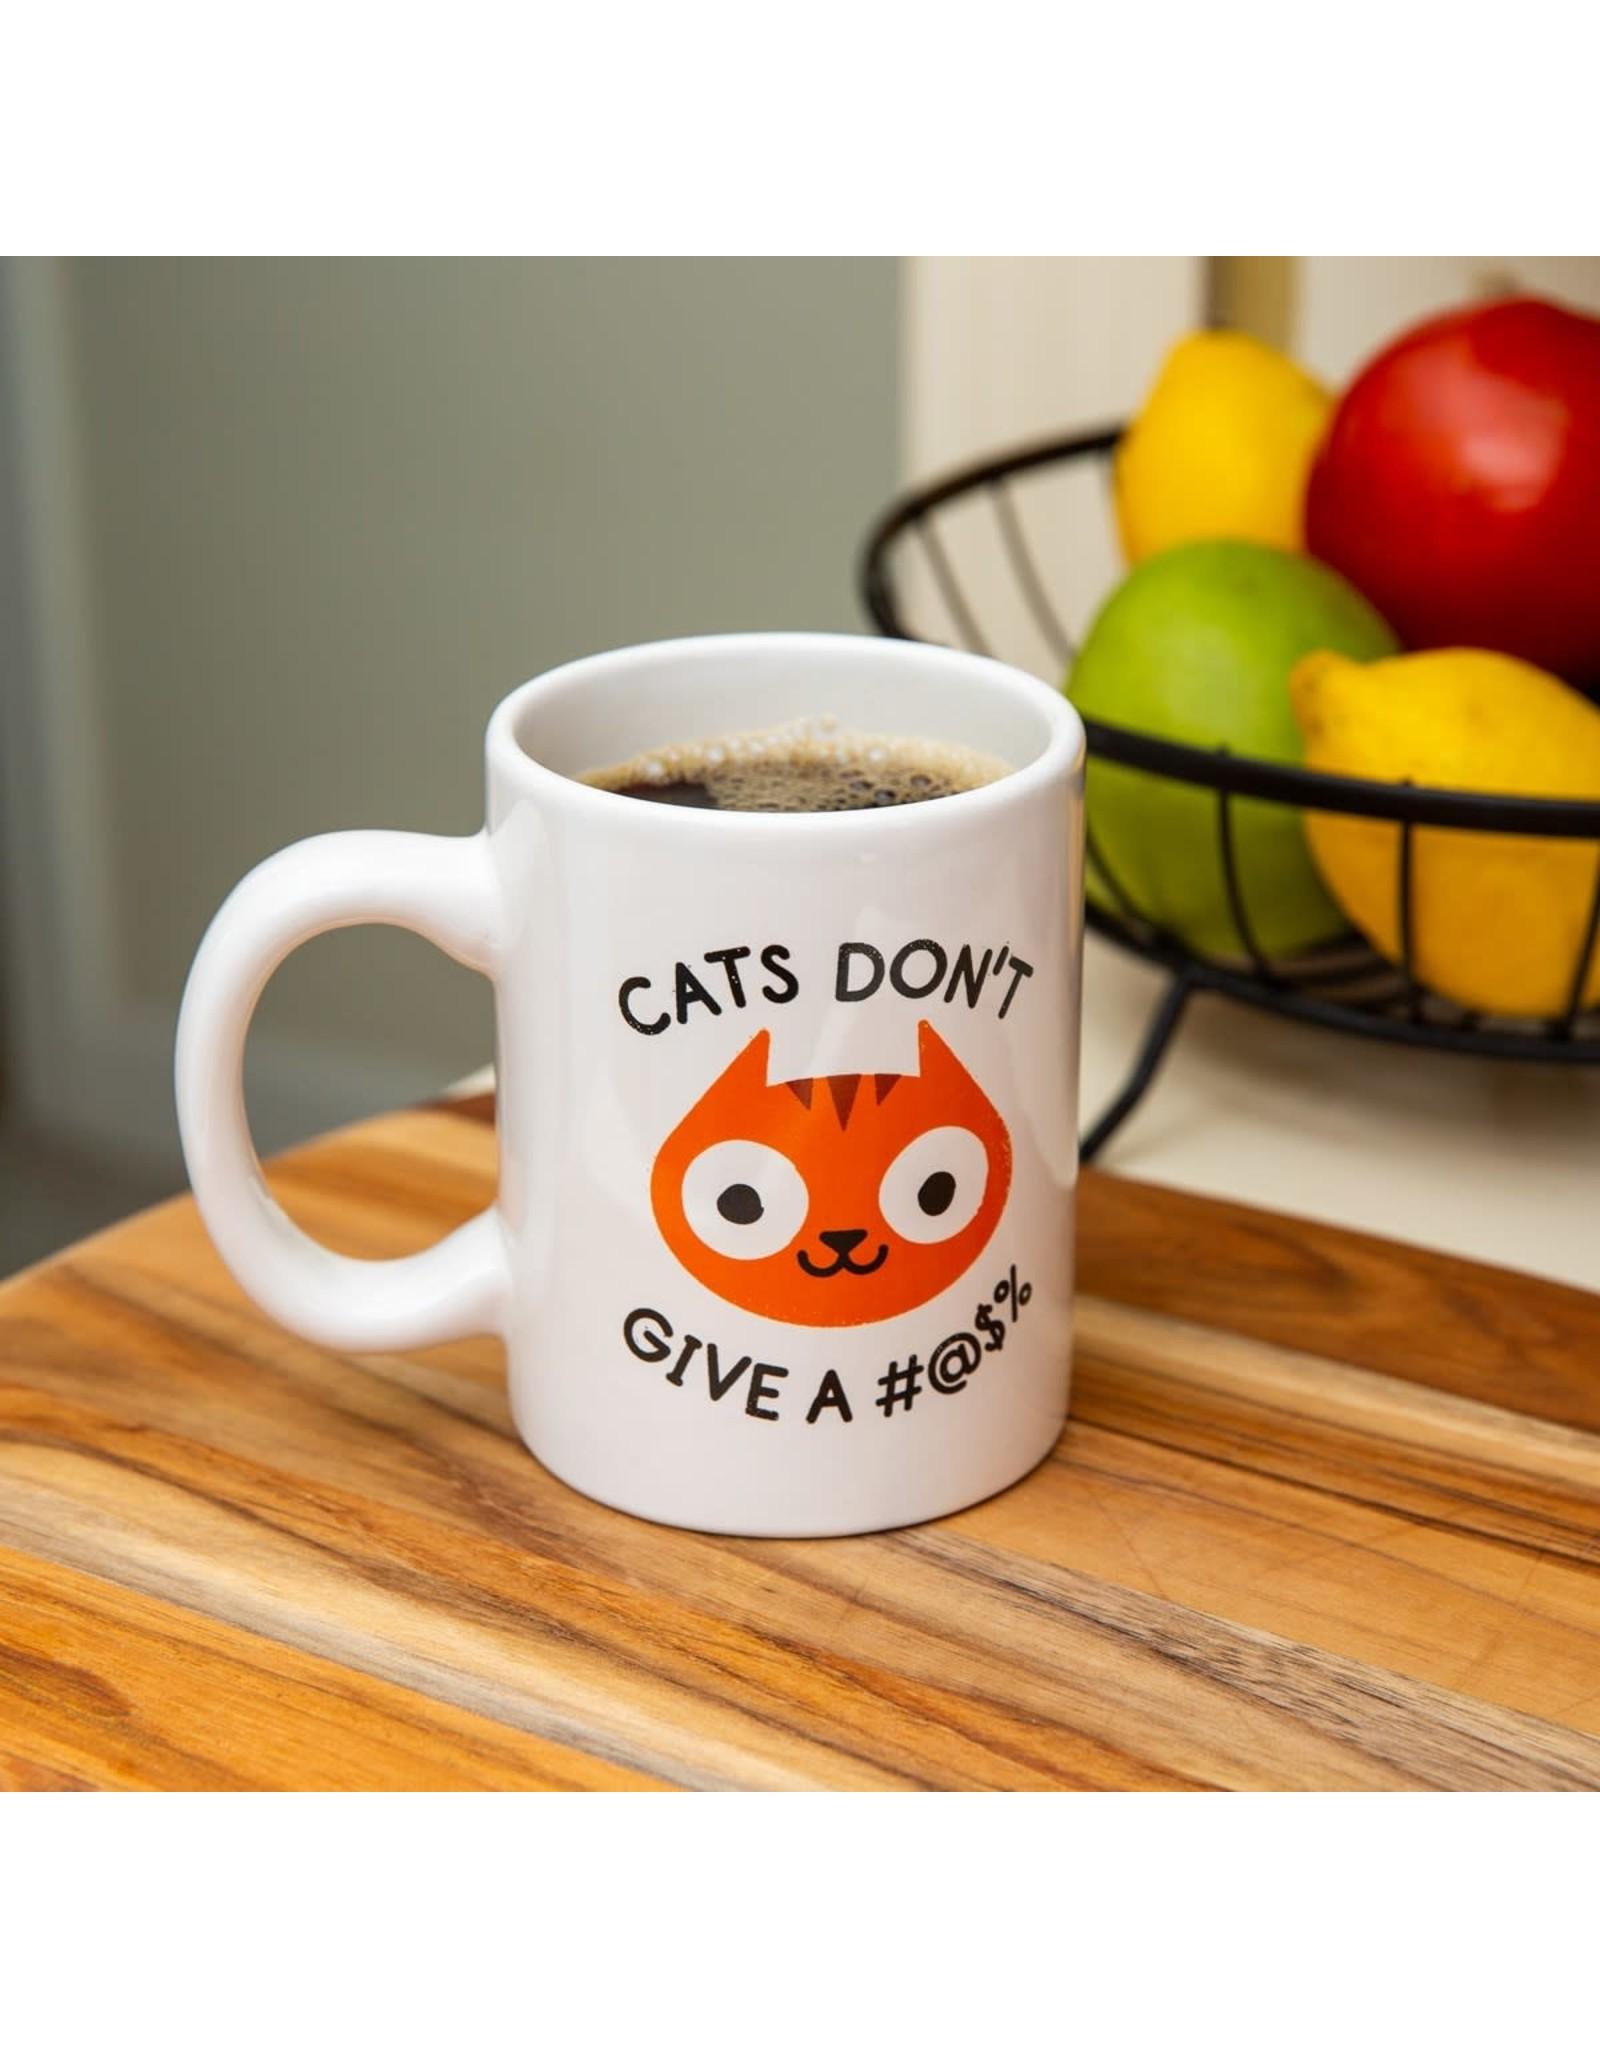 Bigmouth Mug - Cats Don't Give A #@$%